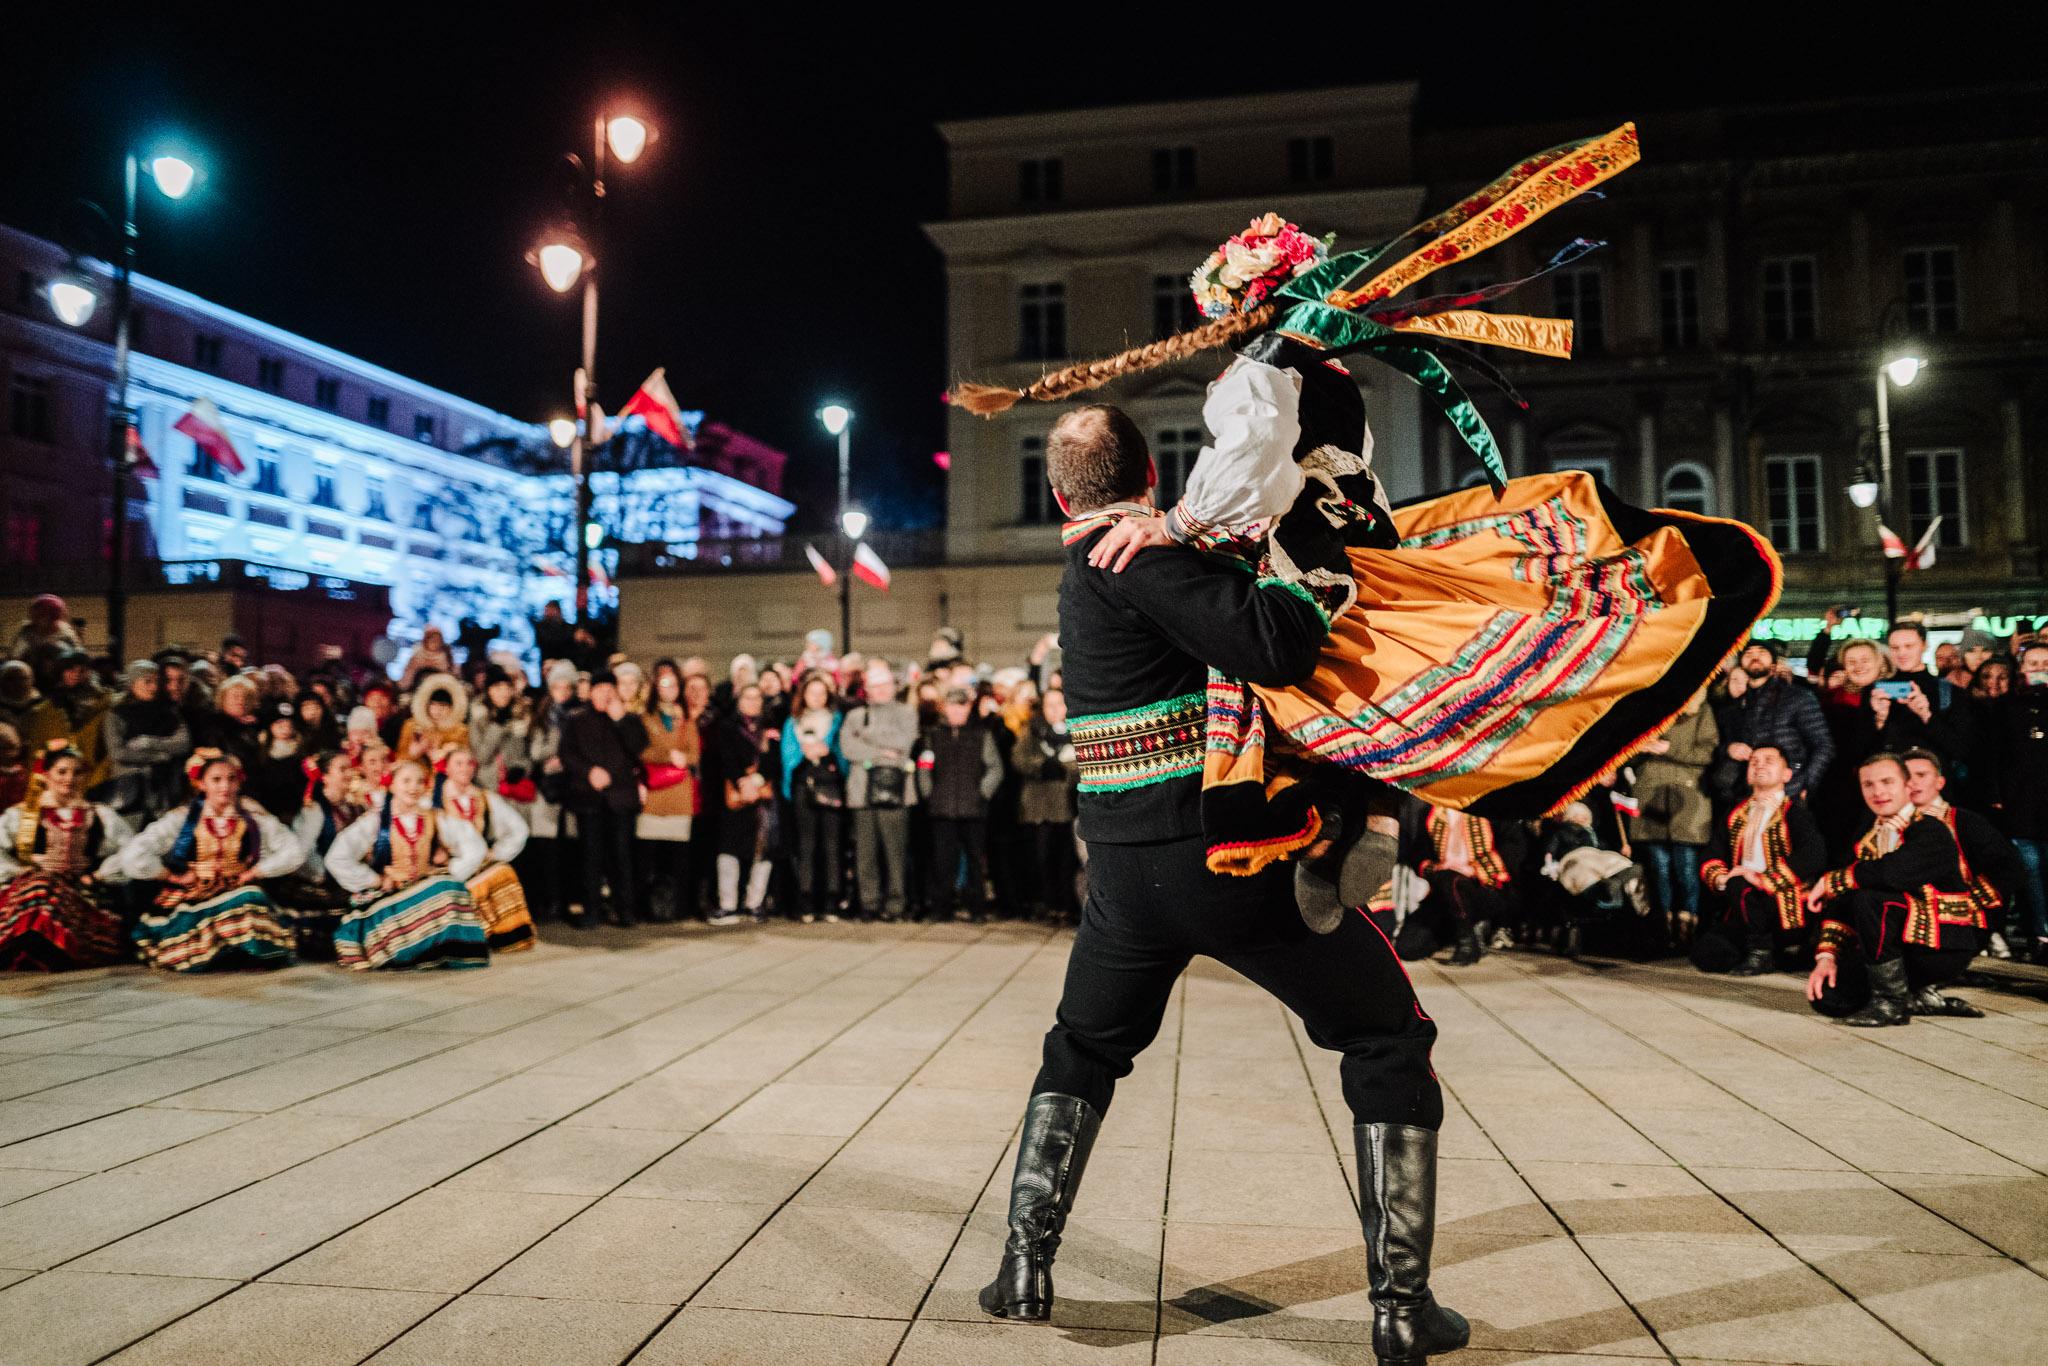 Na pierwszym planie. tańcząca para w strojach ludowych, w tle widzowie